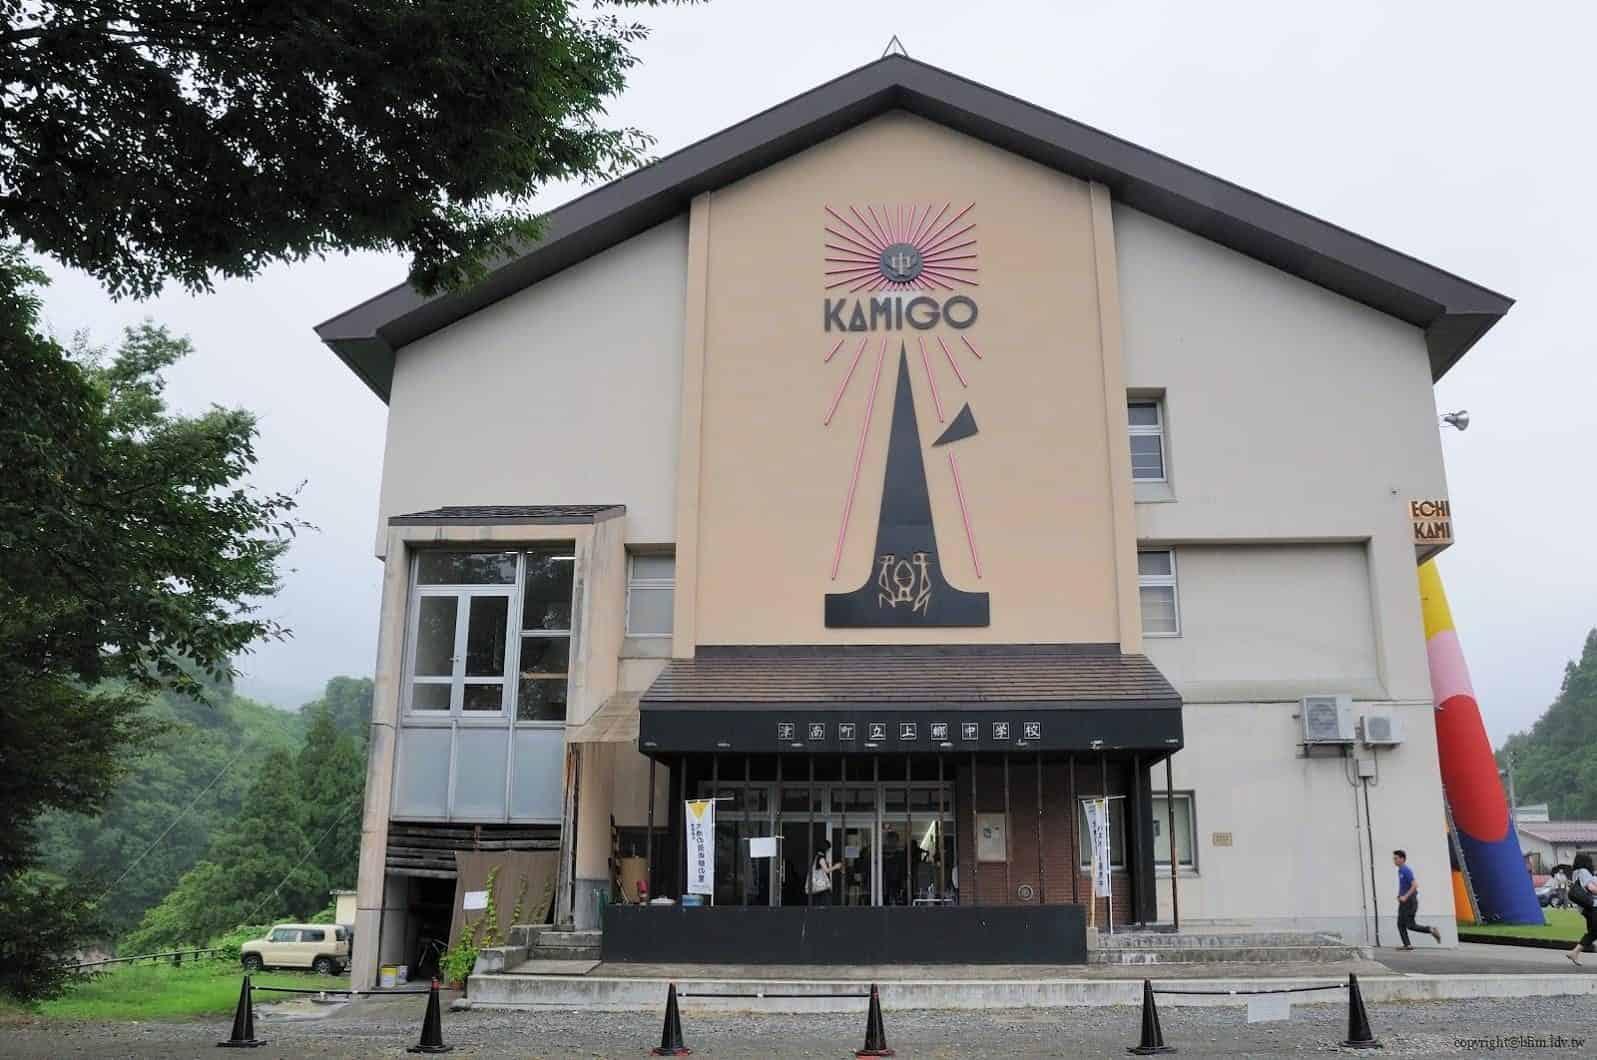 豊田恒行,越後妻有「上鄉劇場館」入口,住宿、餐飲、劇場、展覽等複合功能的設施的空間,入口嵌上的金屬 LOGO,為日本老廣告人浅葉克己設計 越後妻有「上鄉劇場館」 越後妻有「上鄉劇場館」 Echigo Tsumari Kamigo Clove Theatre 04 0x0